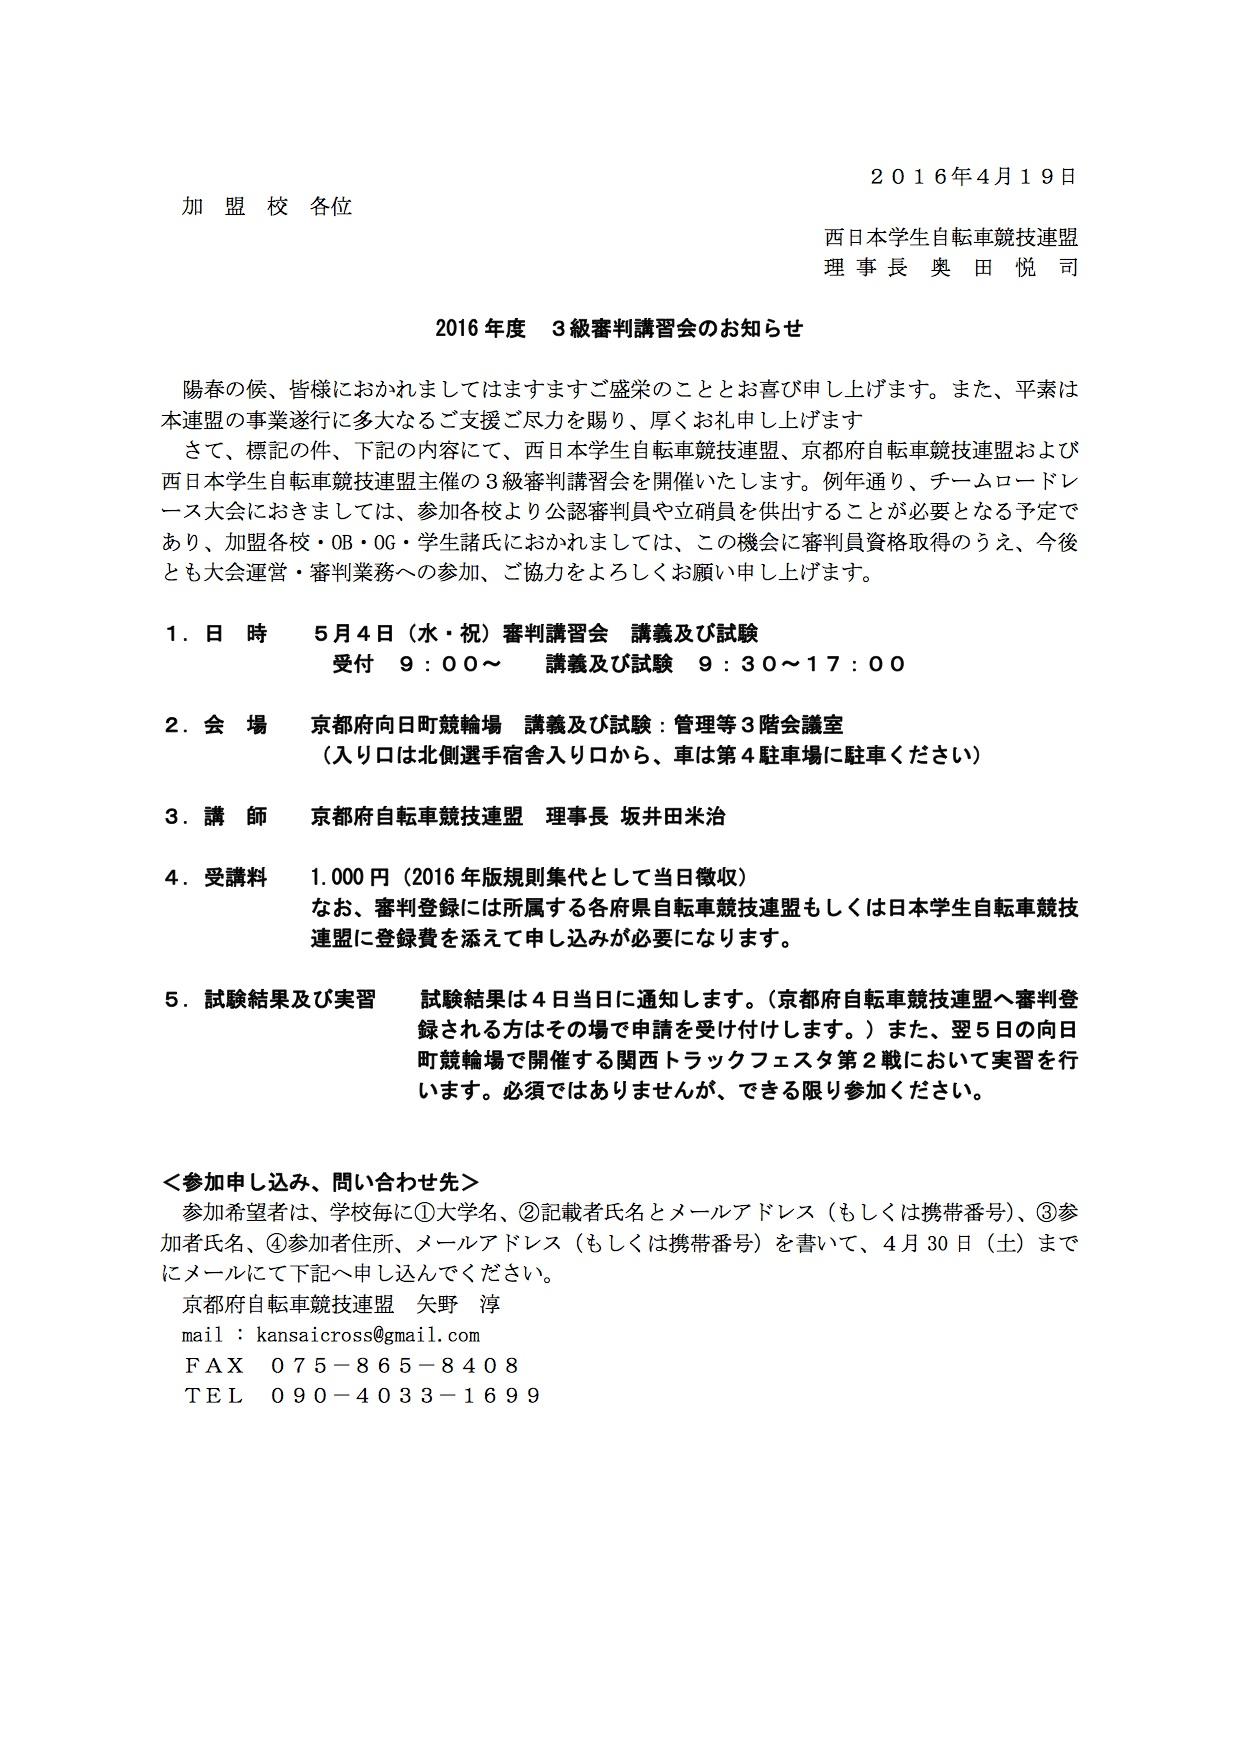 16west_koshukai_3kyu_annnai_160419